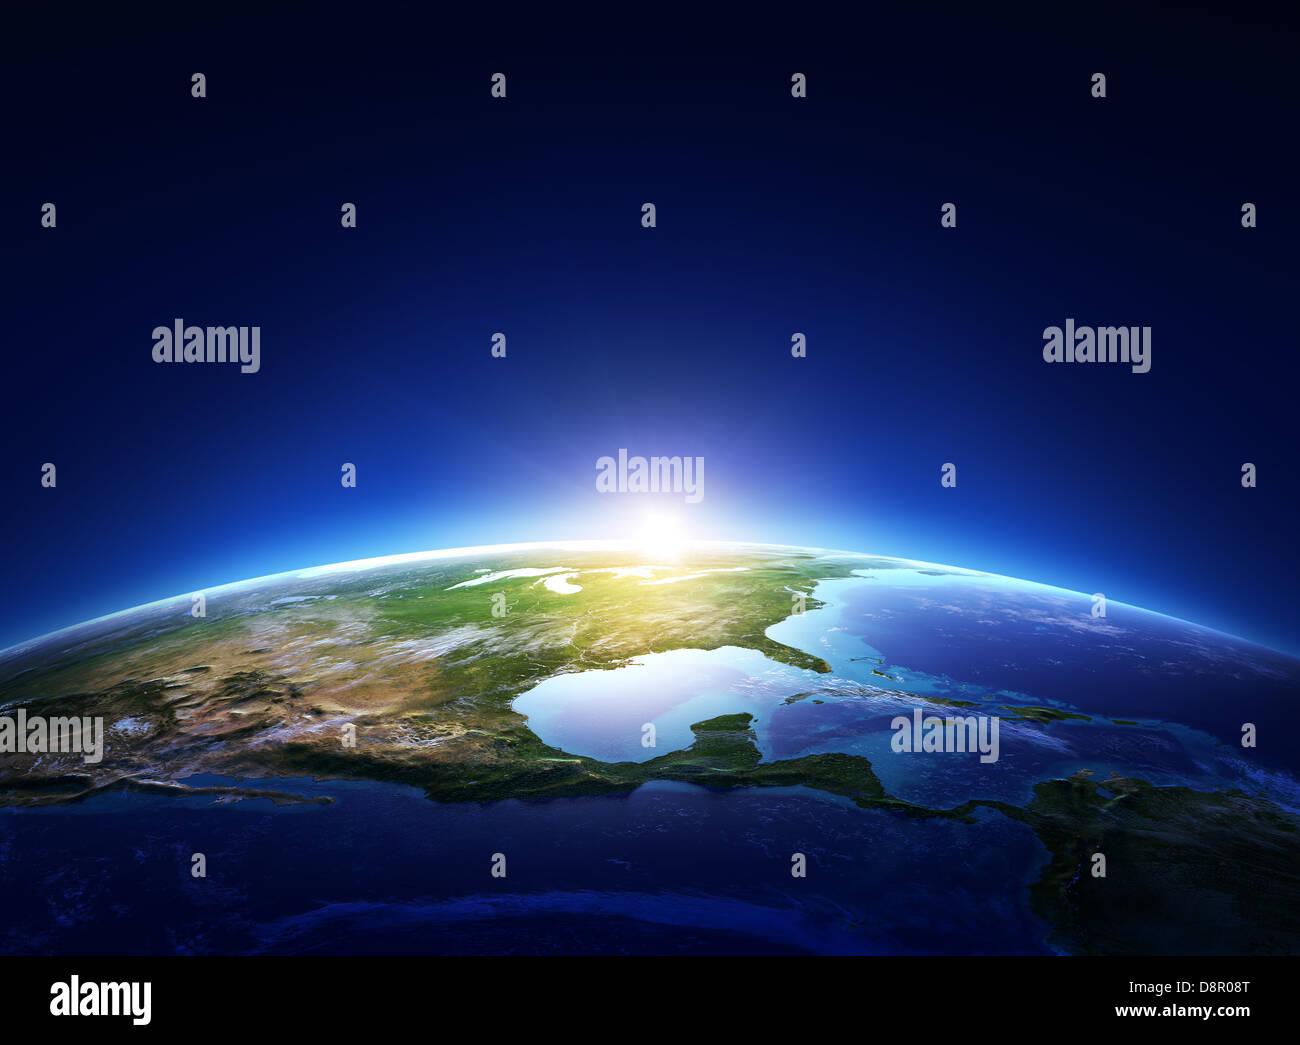 Erde Sonnenaufgang Nordamerika mit leichten Wolken (Elemente dieses Bildes, eingerichtet von der NASA) Stockbild